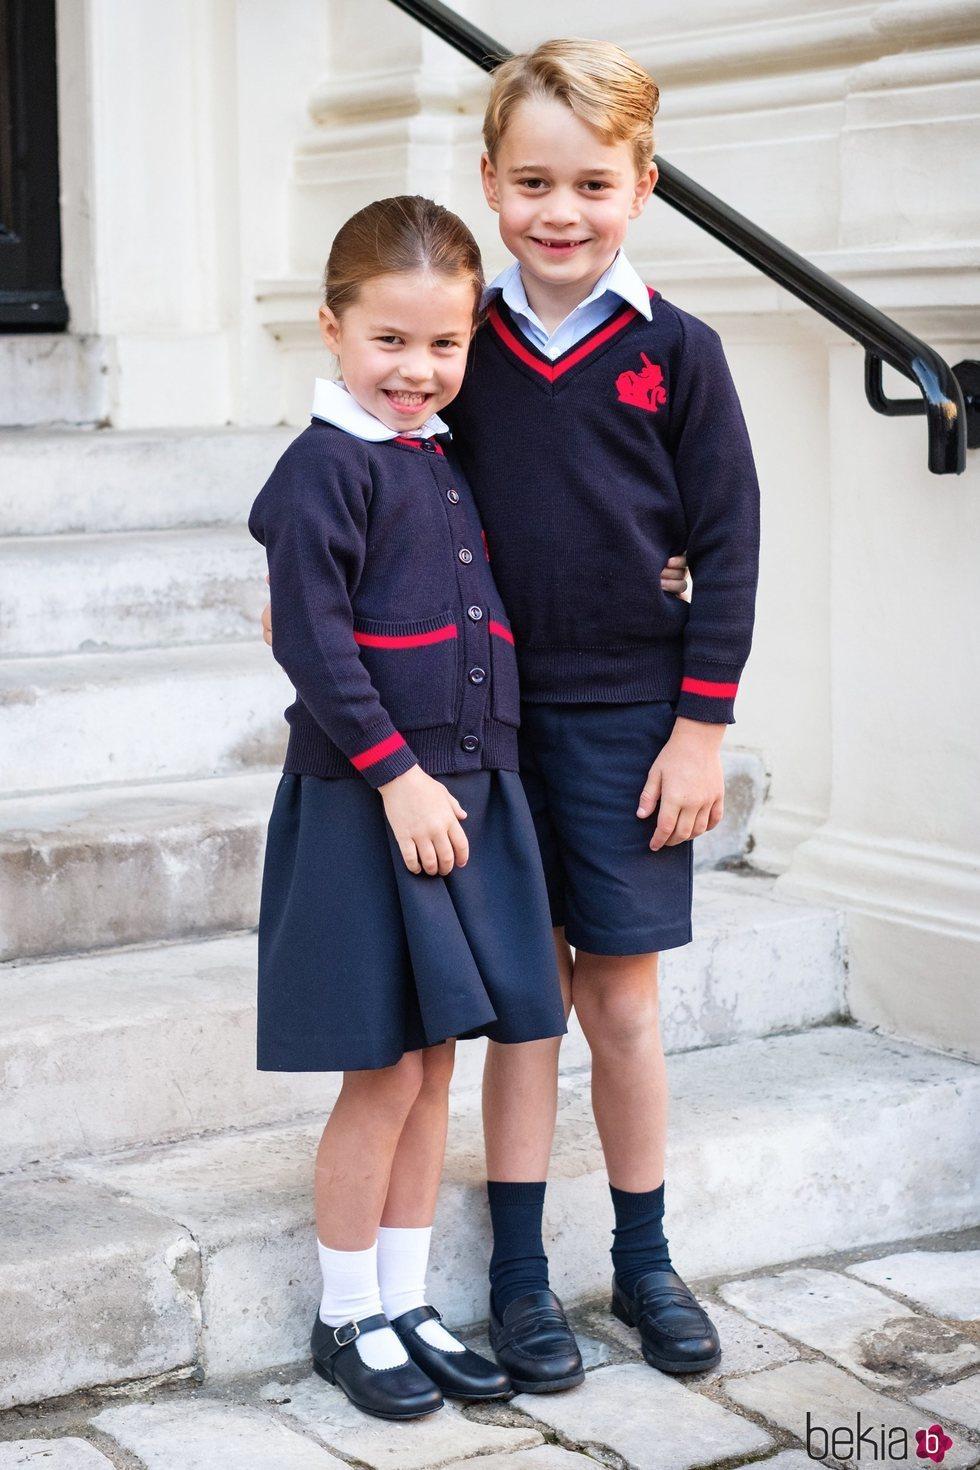 El Príncipe Jorge y la Princesa Carlota en su primer día de colegio